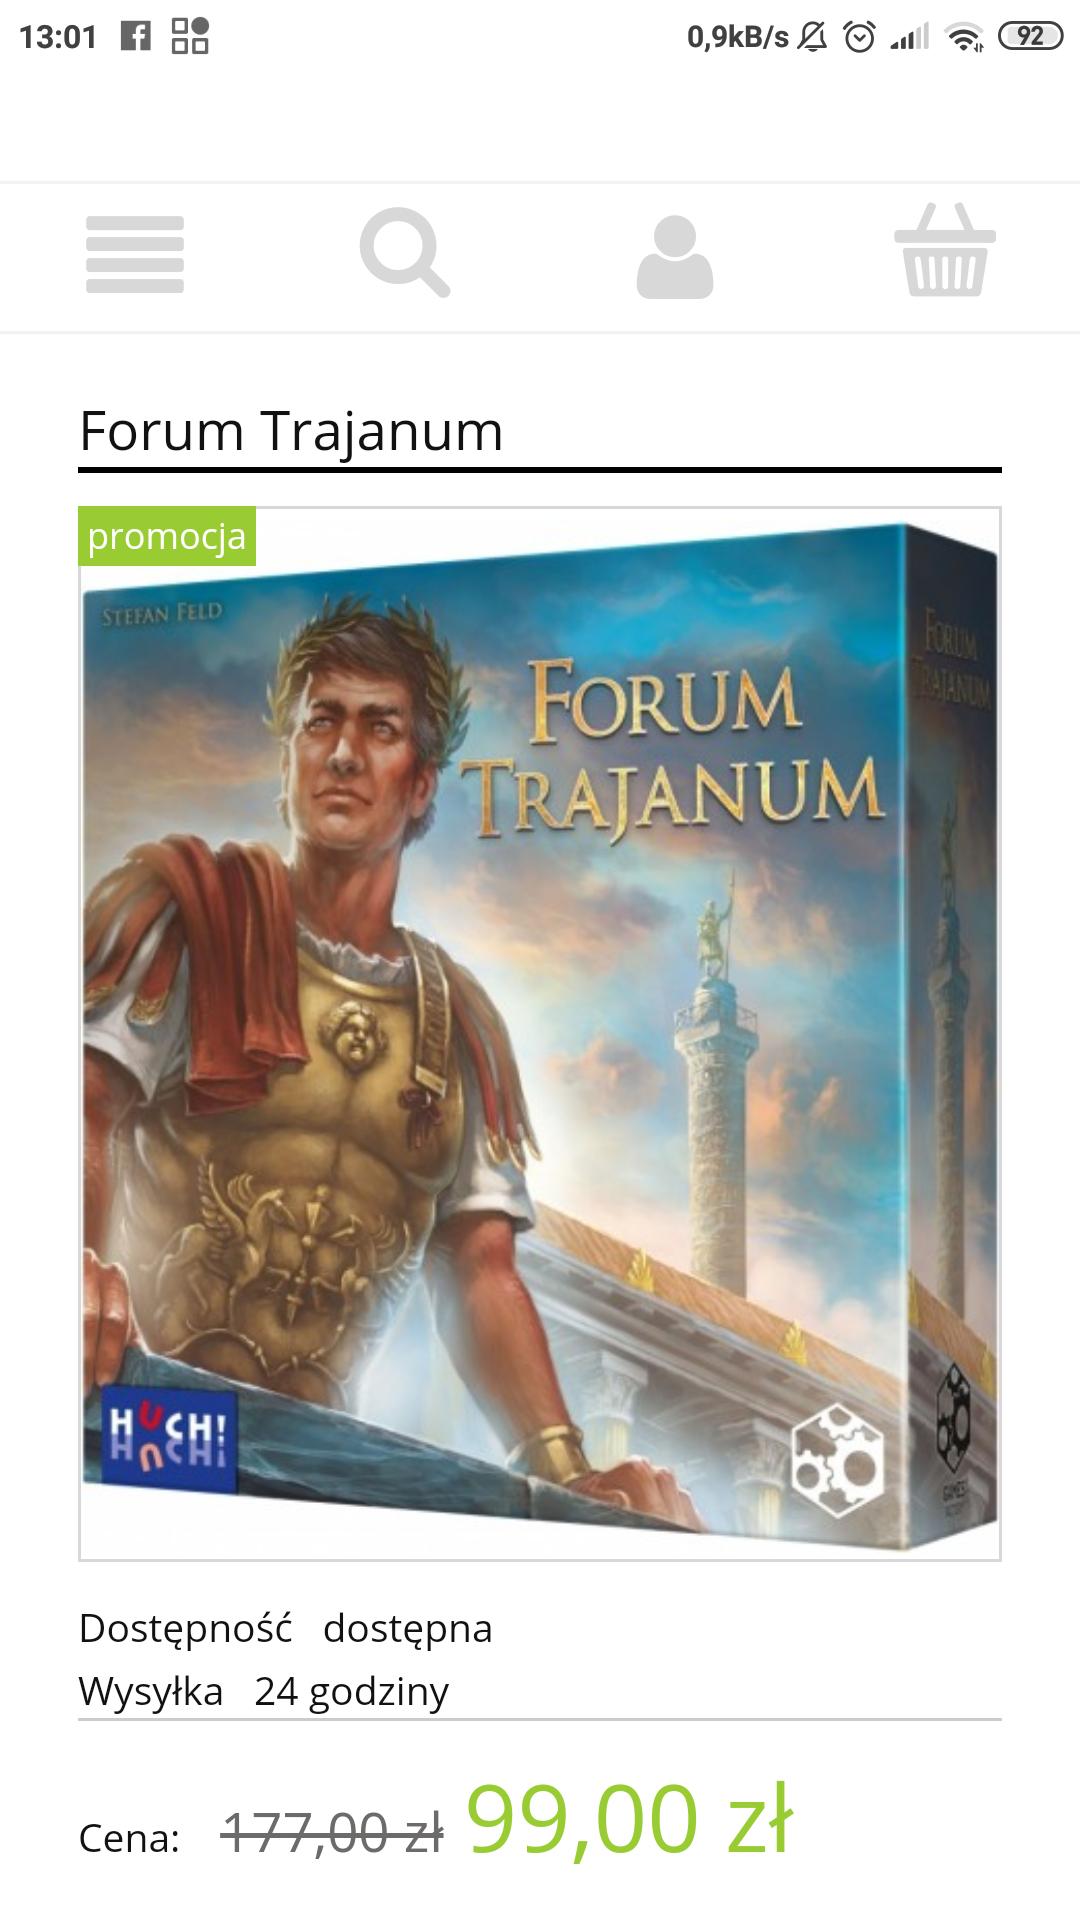 Forum Trajanum za 99 zł w mepel.pl